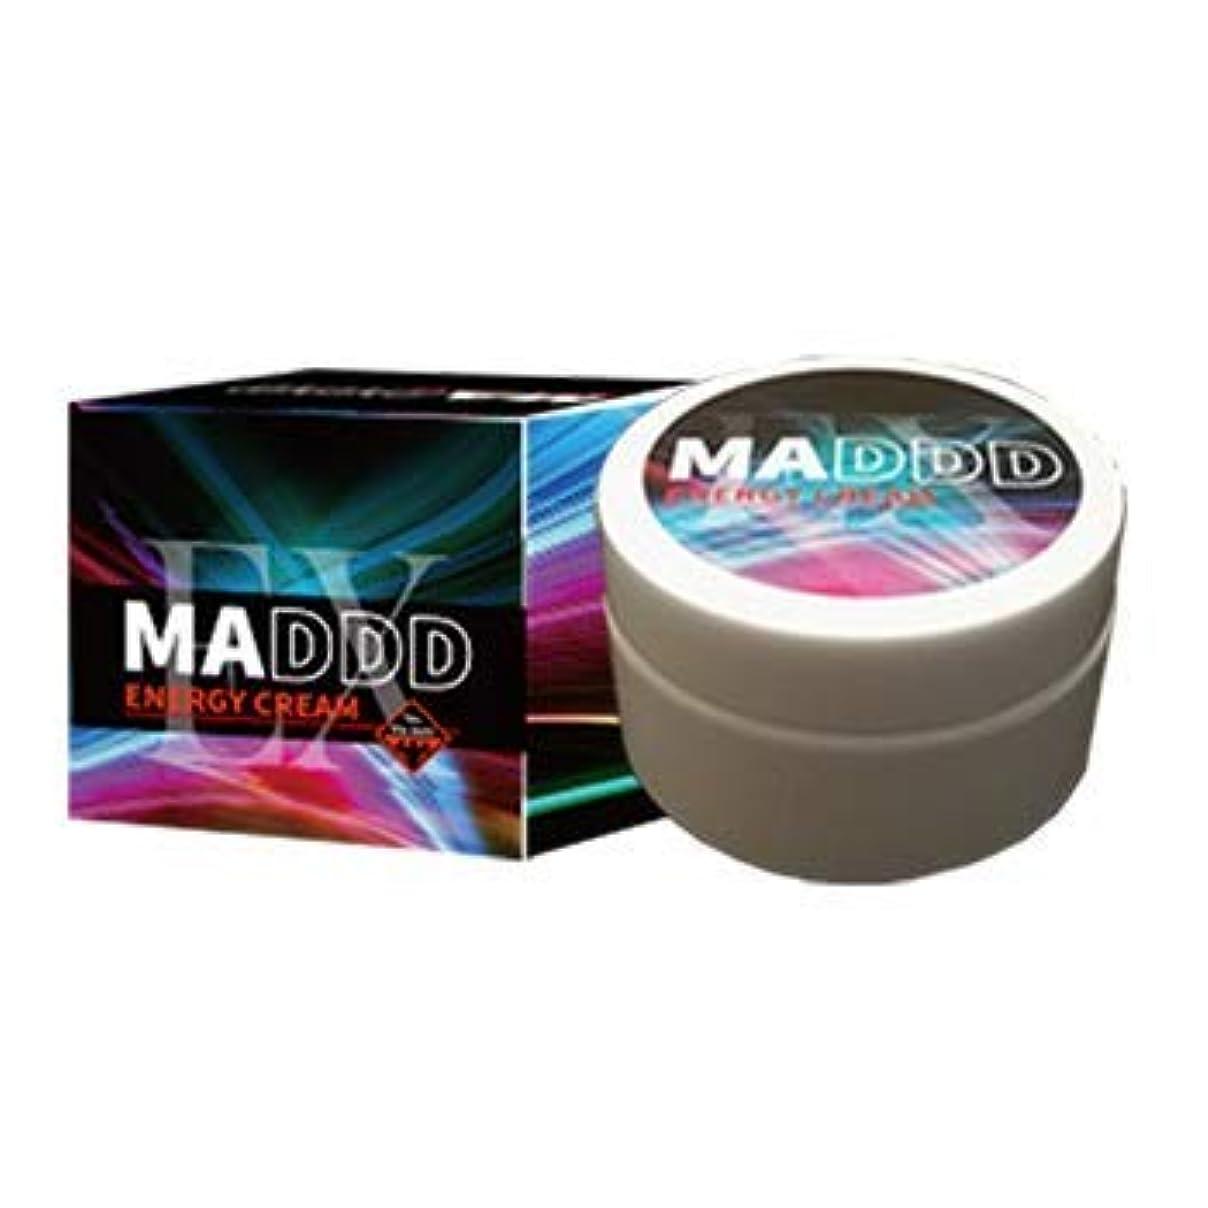 カート食欲謙虚MADDD EX 増大クリーム ボディクリーム 自信 持続力 厳選成分 50g (お得な5個セット)